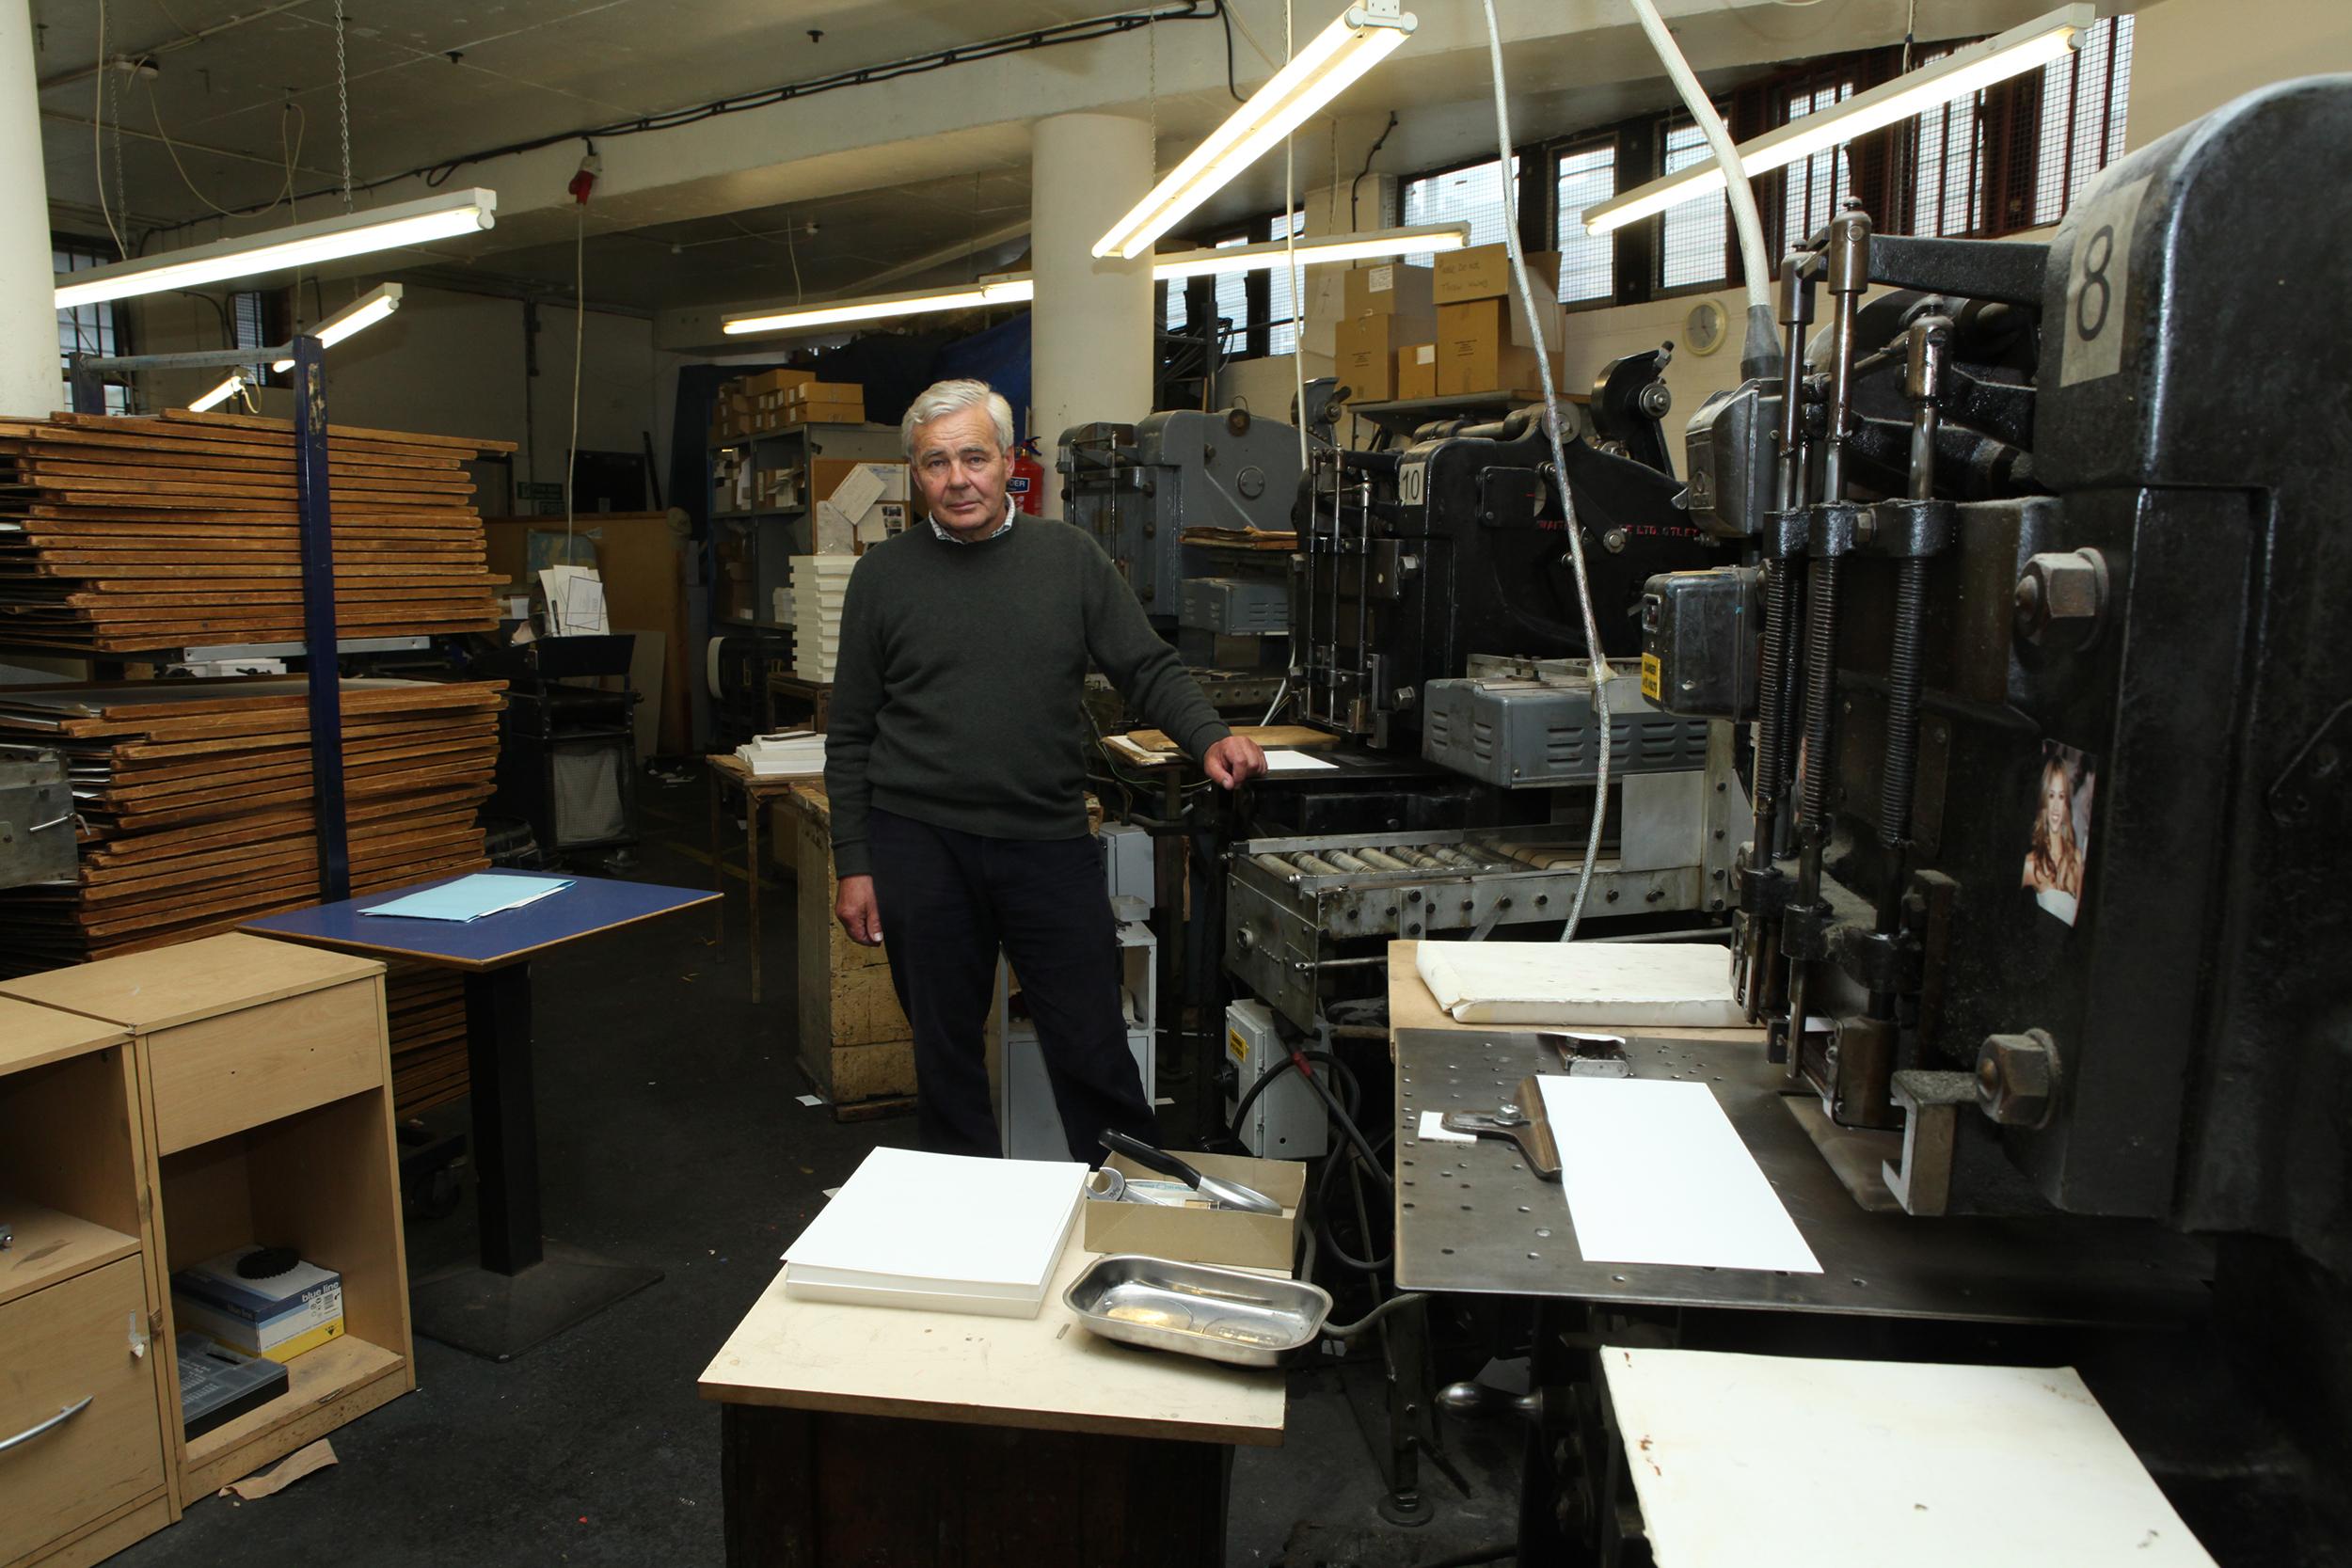 Roger Pertwee standing in die stamping room